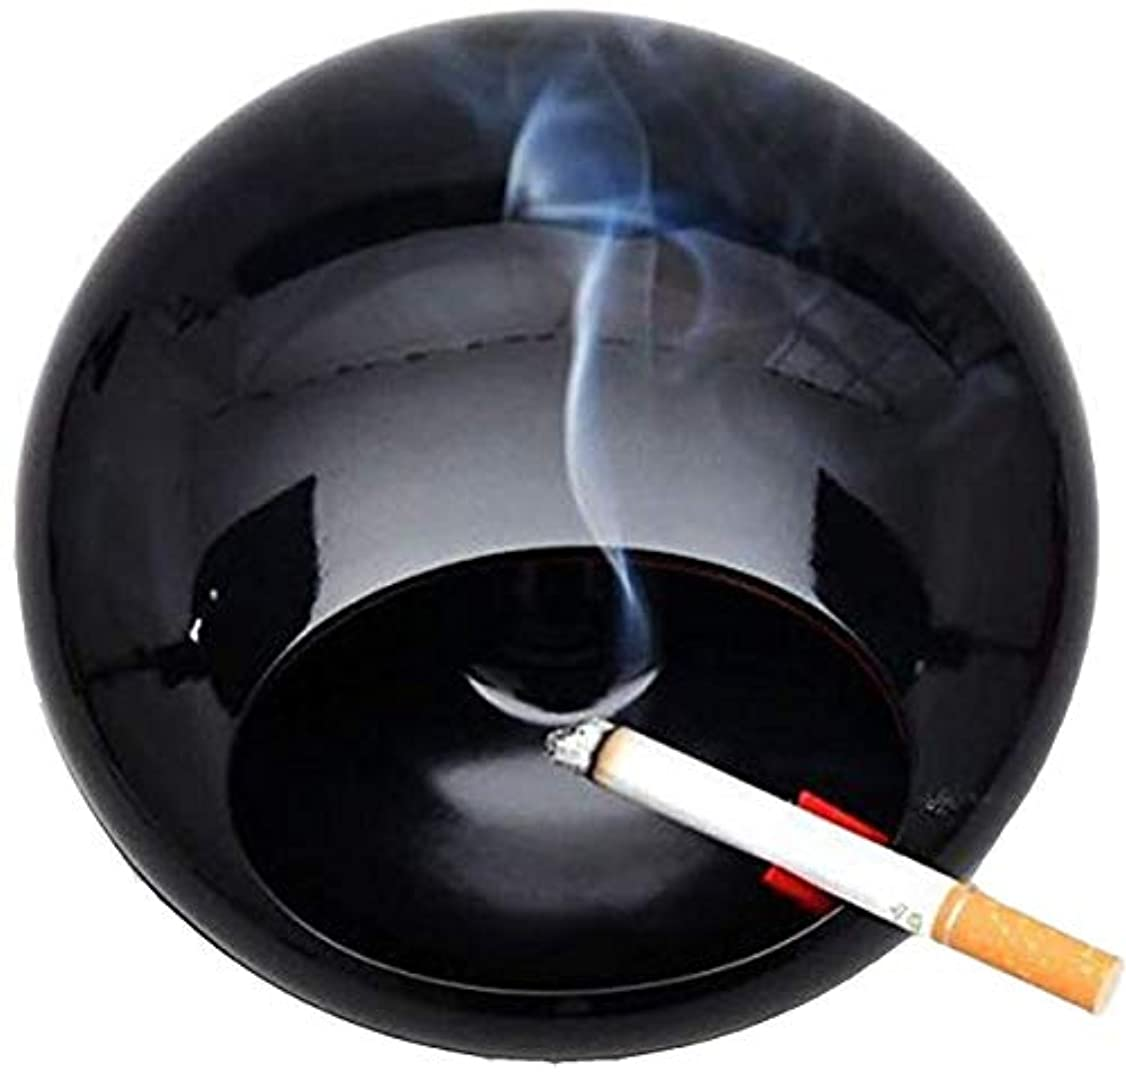 めまいアルネクランシー蓋メラミン磁器煙すすコレクター黒と灰皿を回転させます